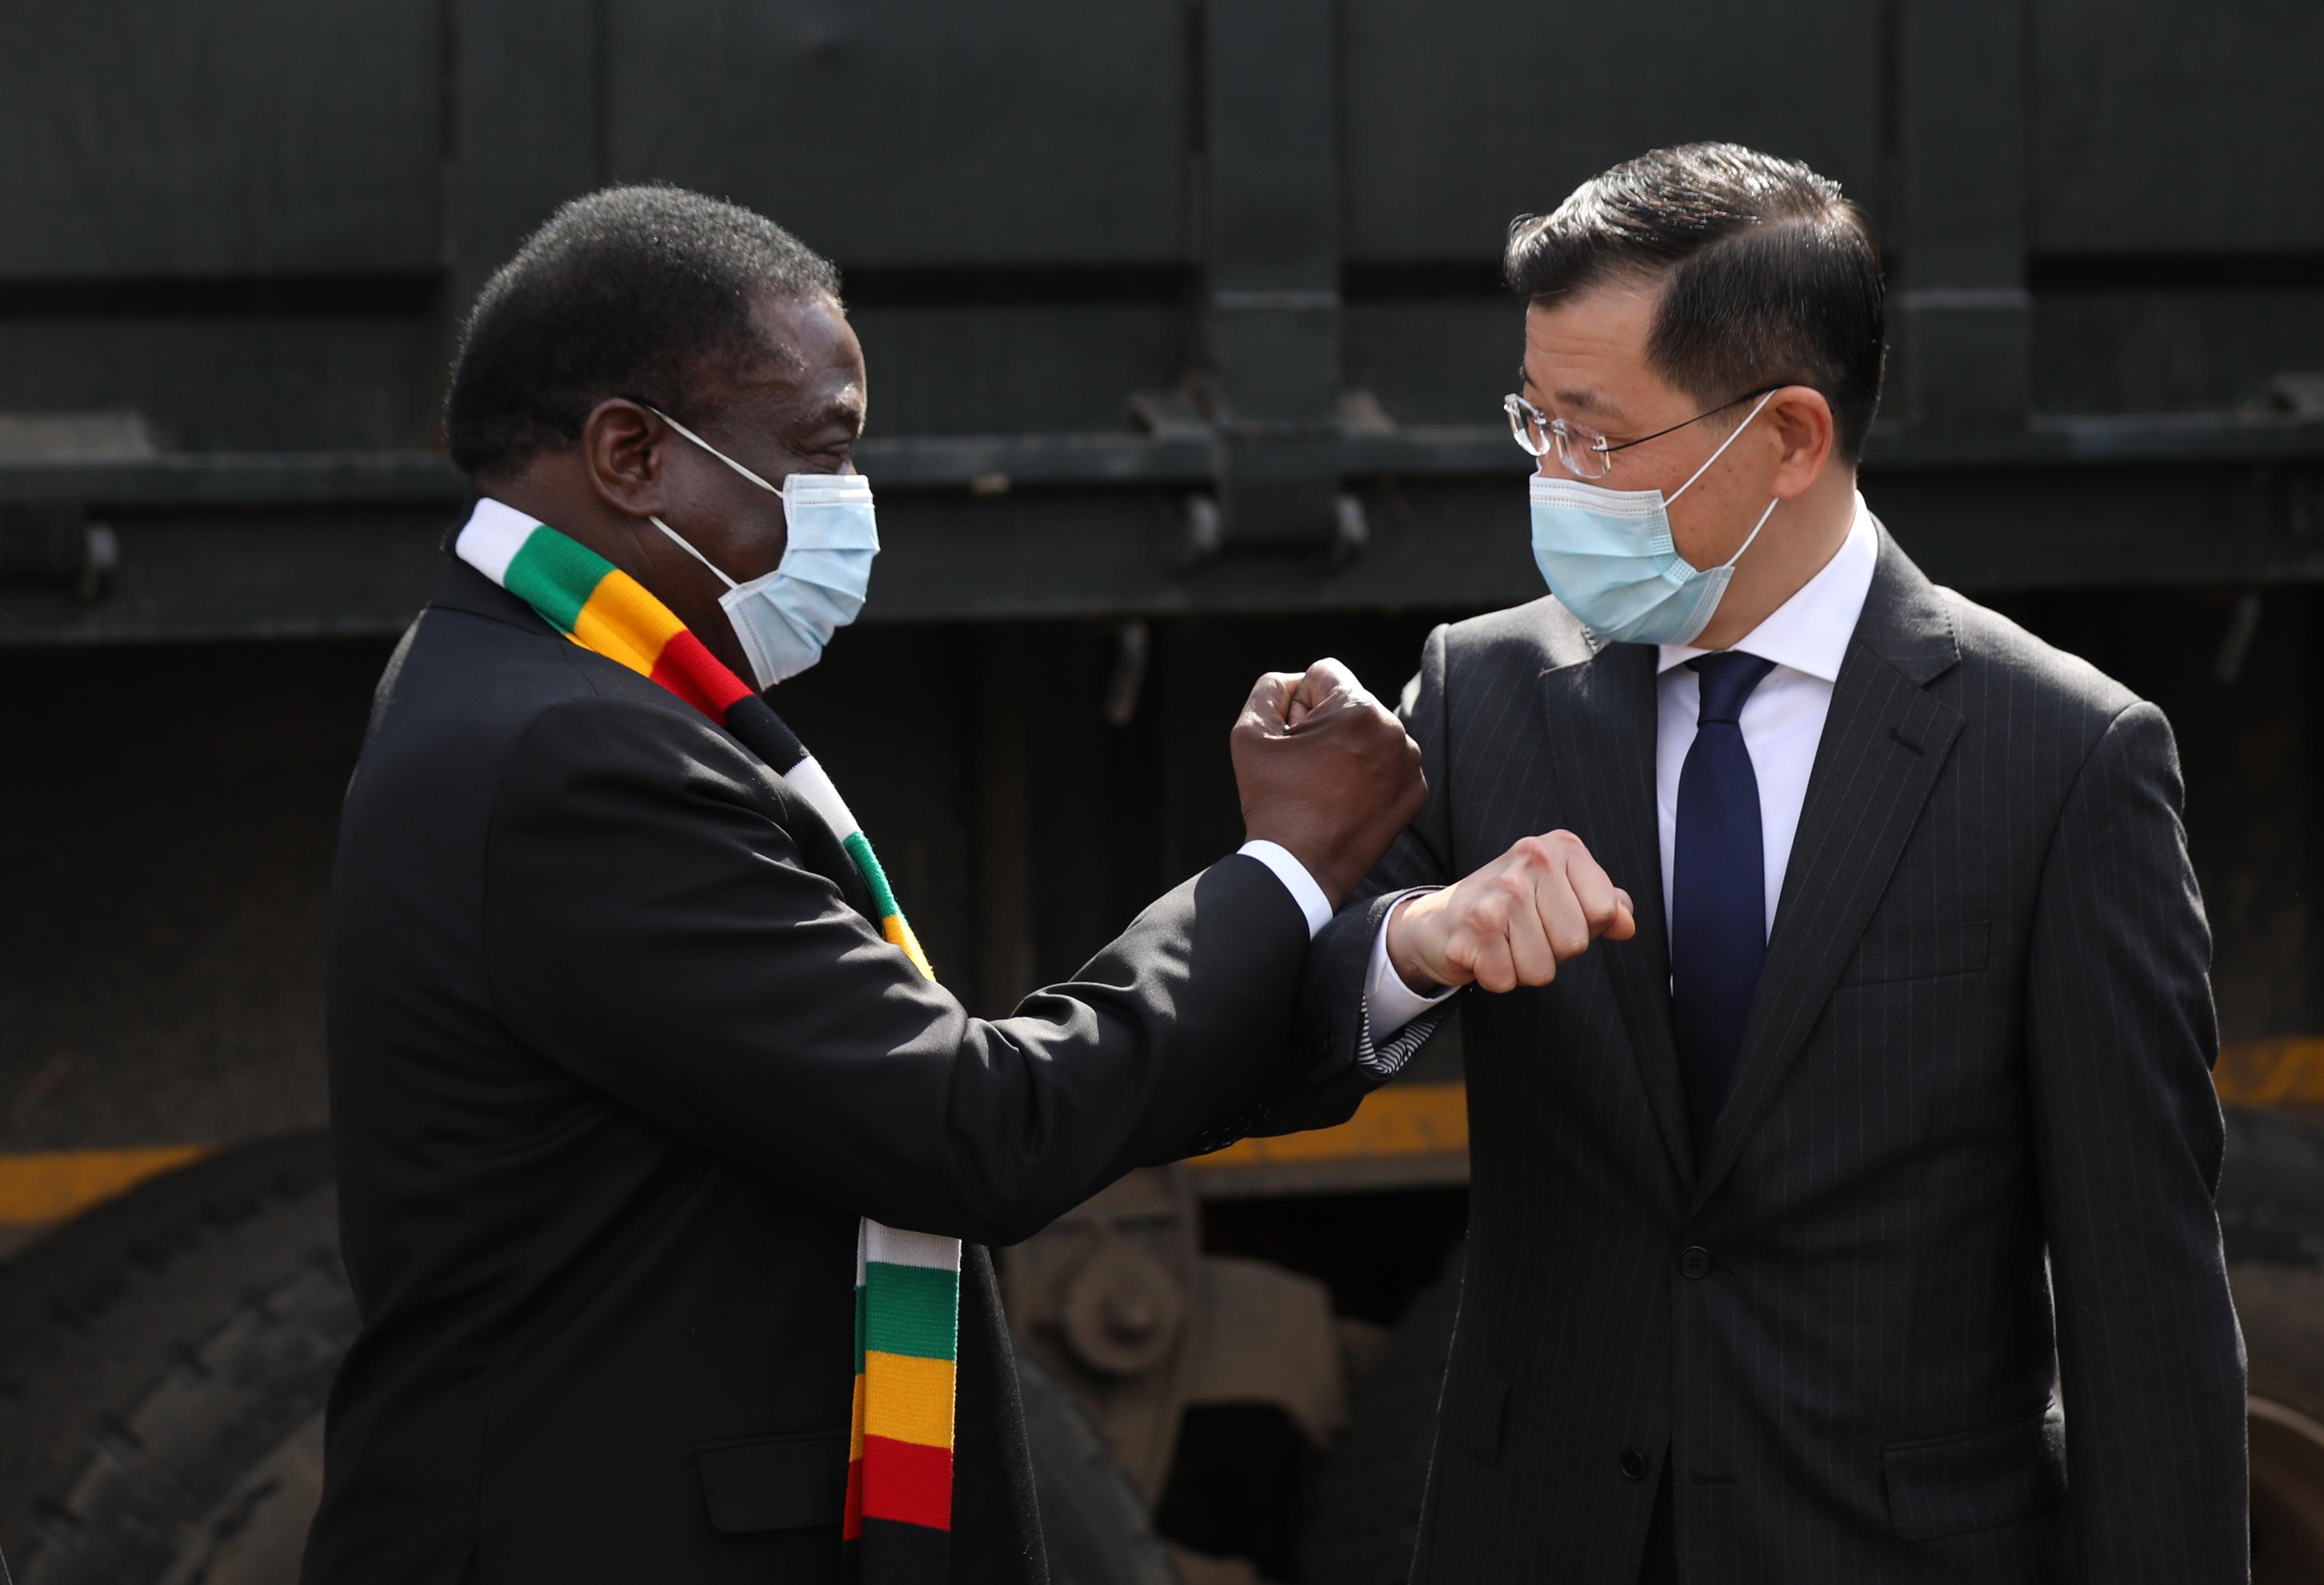 津巴布韦总统感谢中国对津抗疫的支持